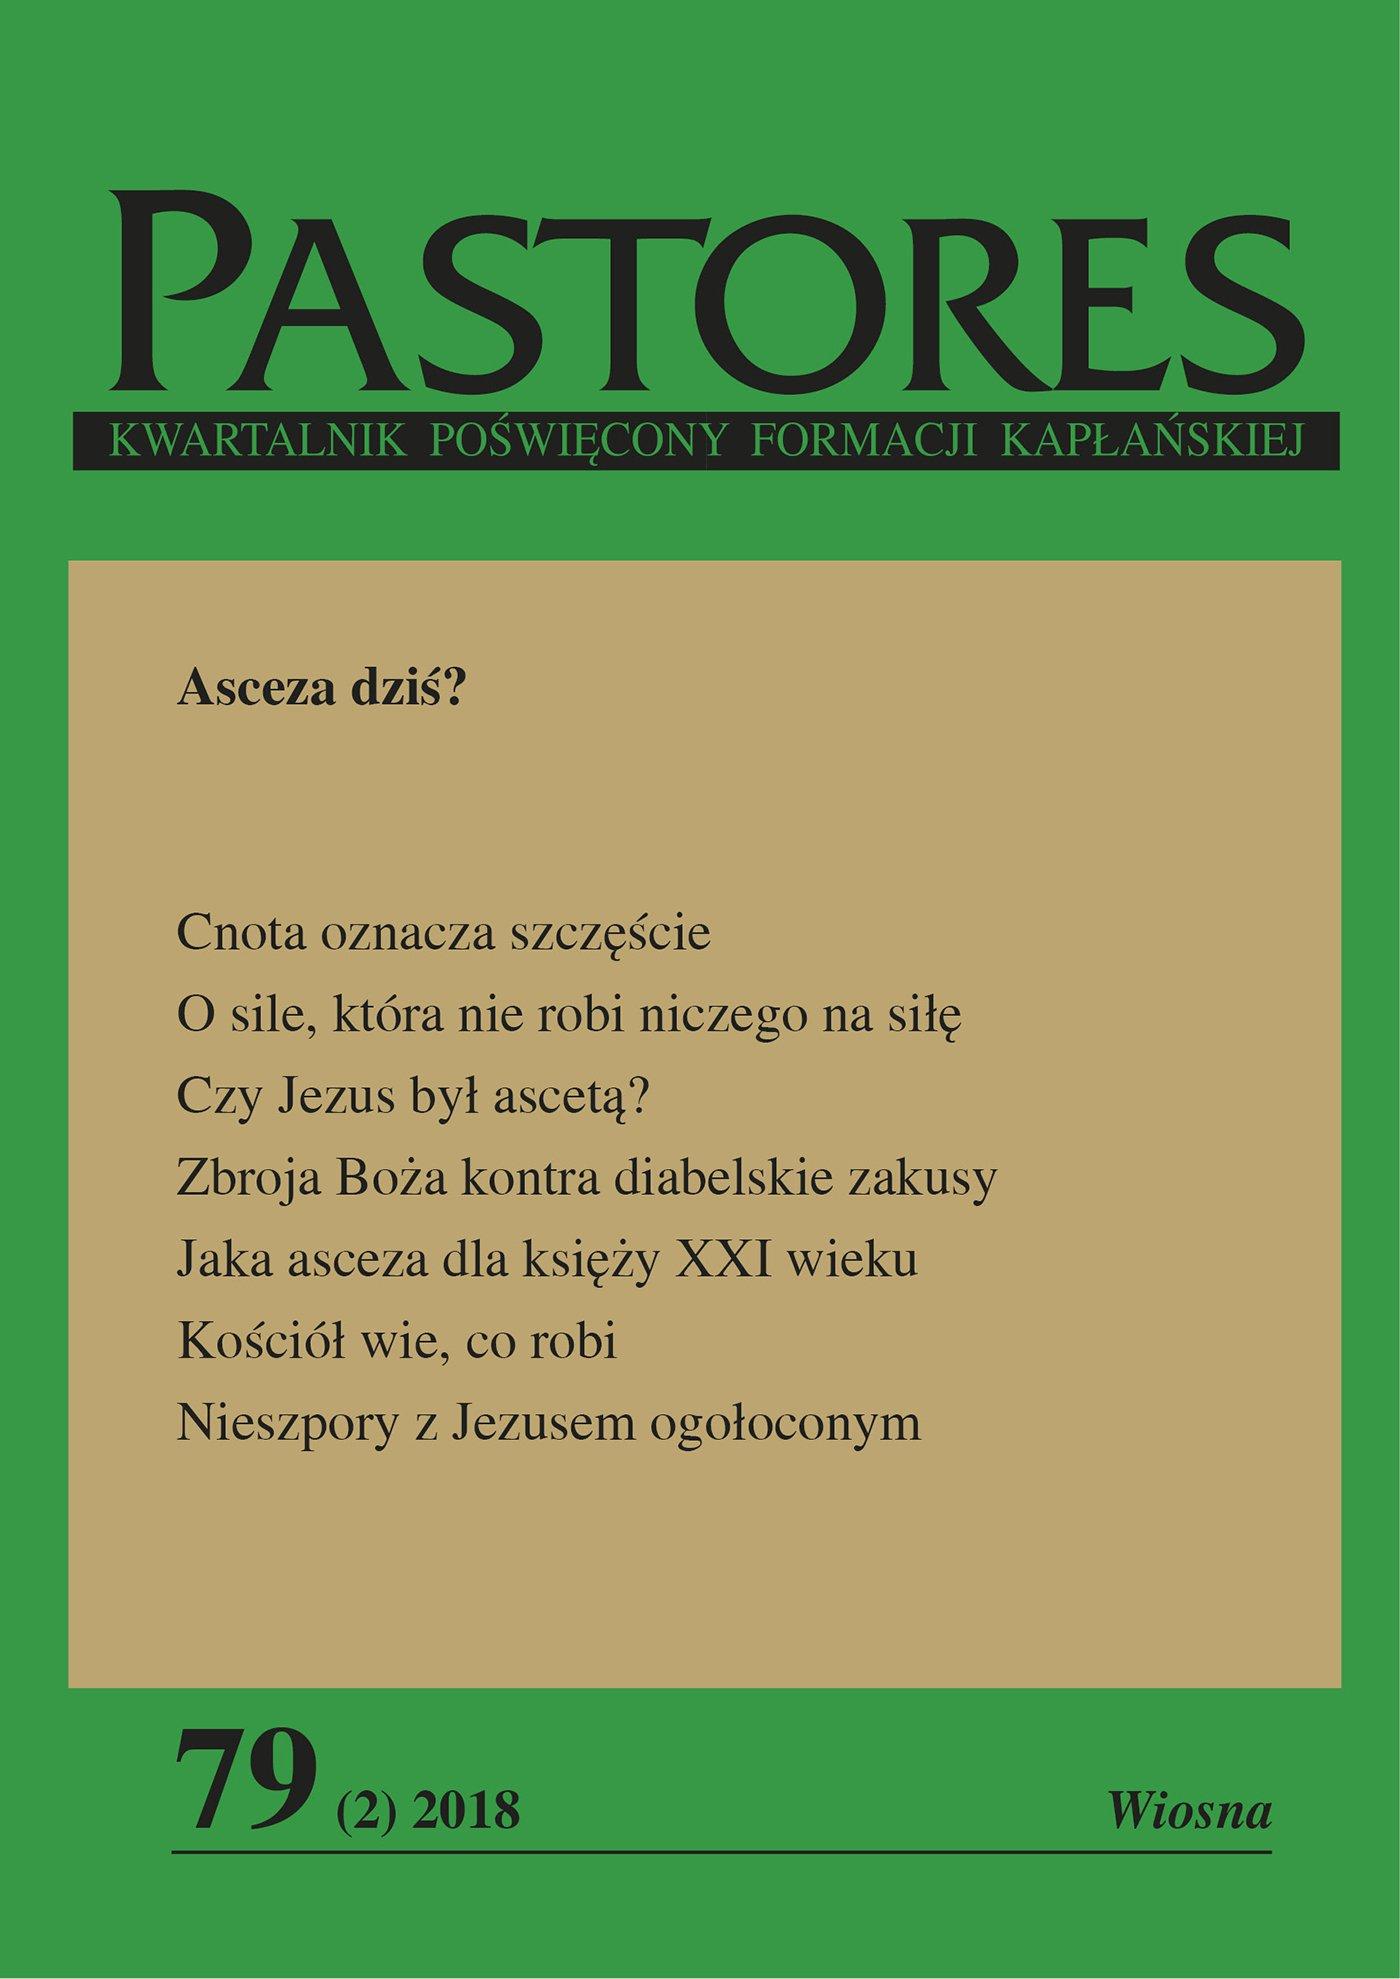 Pastores 79 (2) 2018 - Ebook (Książka EPUB) do pobrania w formacie EPUB